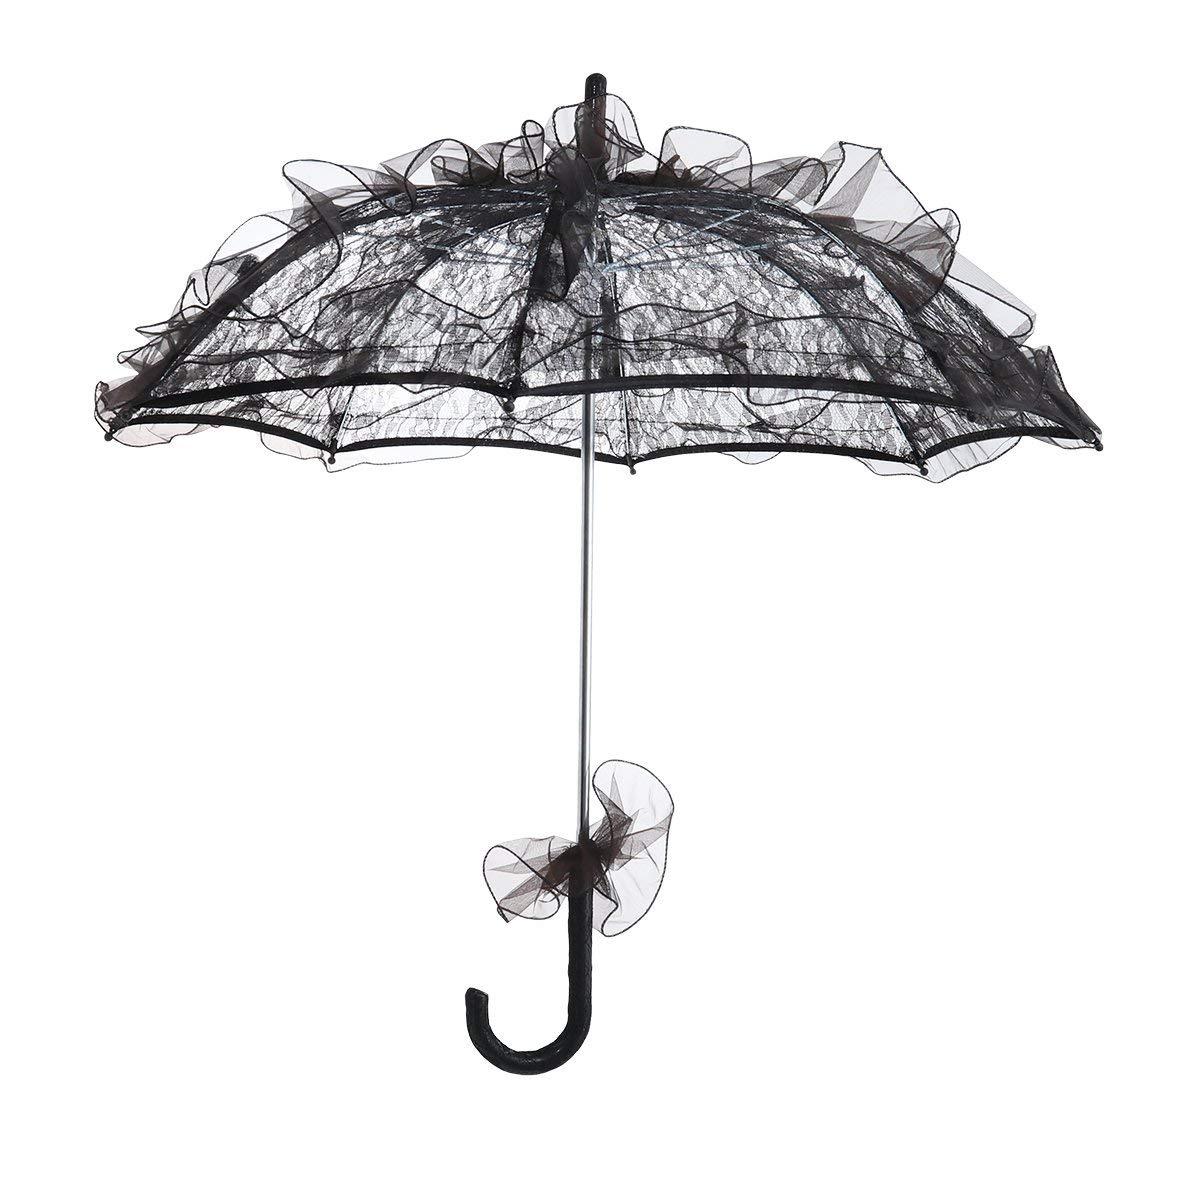 bb9bac45c2b3 Cheap Prop Umbrella, find Prop Umbrella deals on line at Alibaba.com